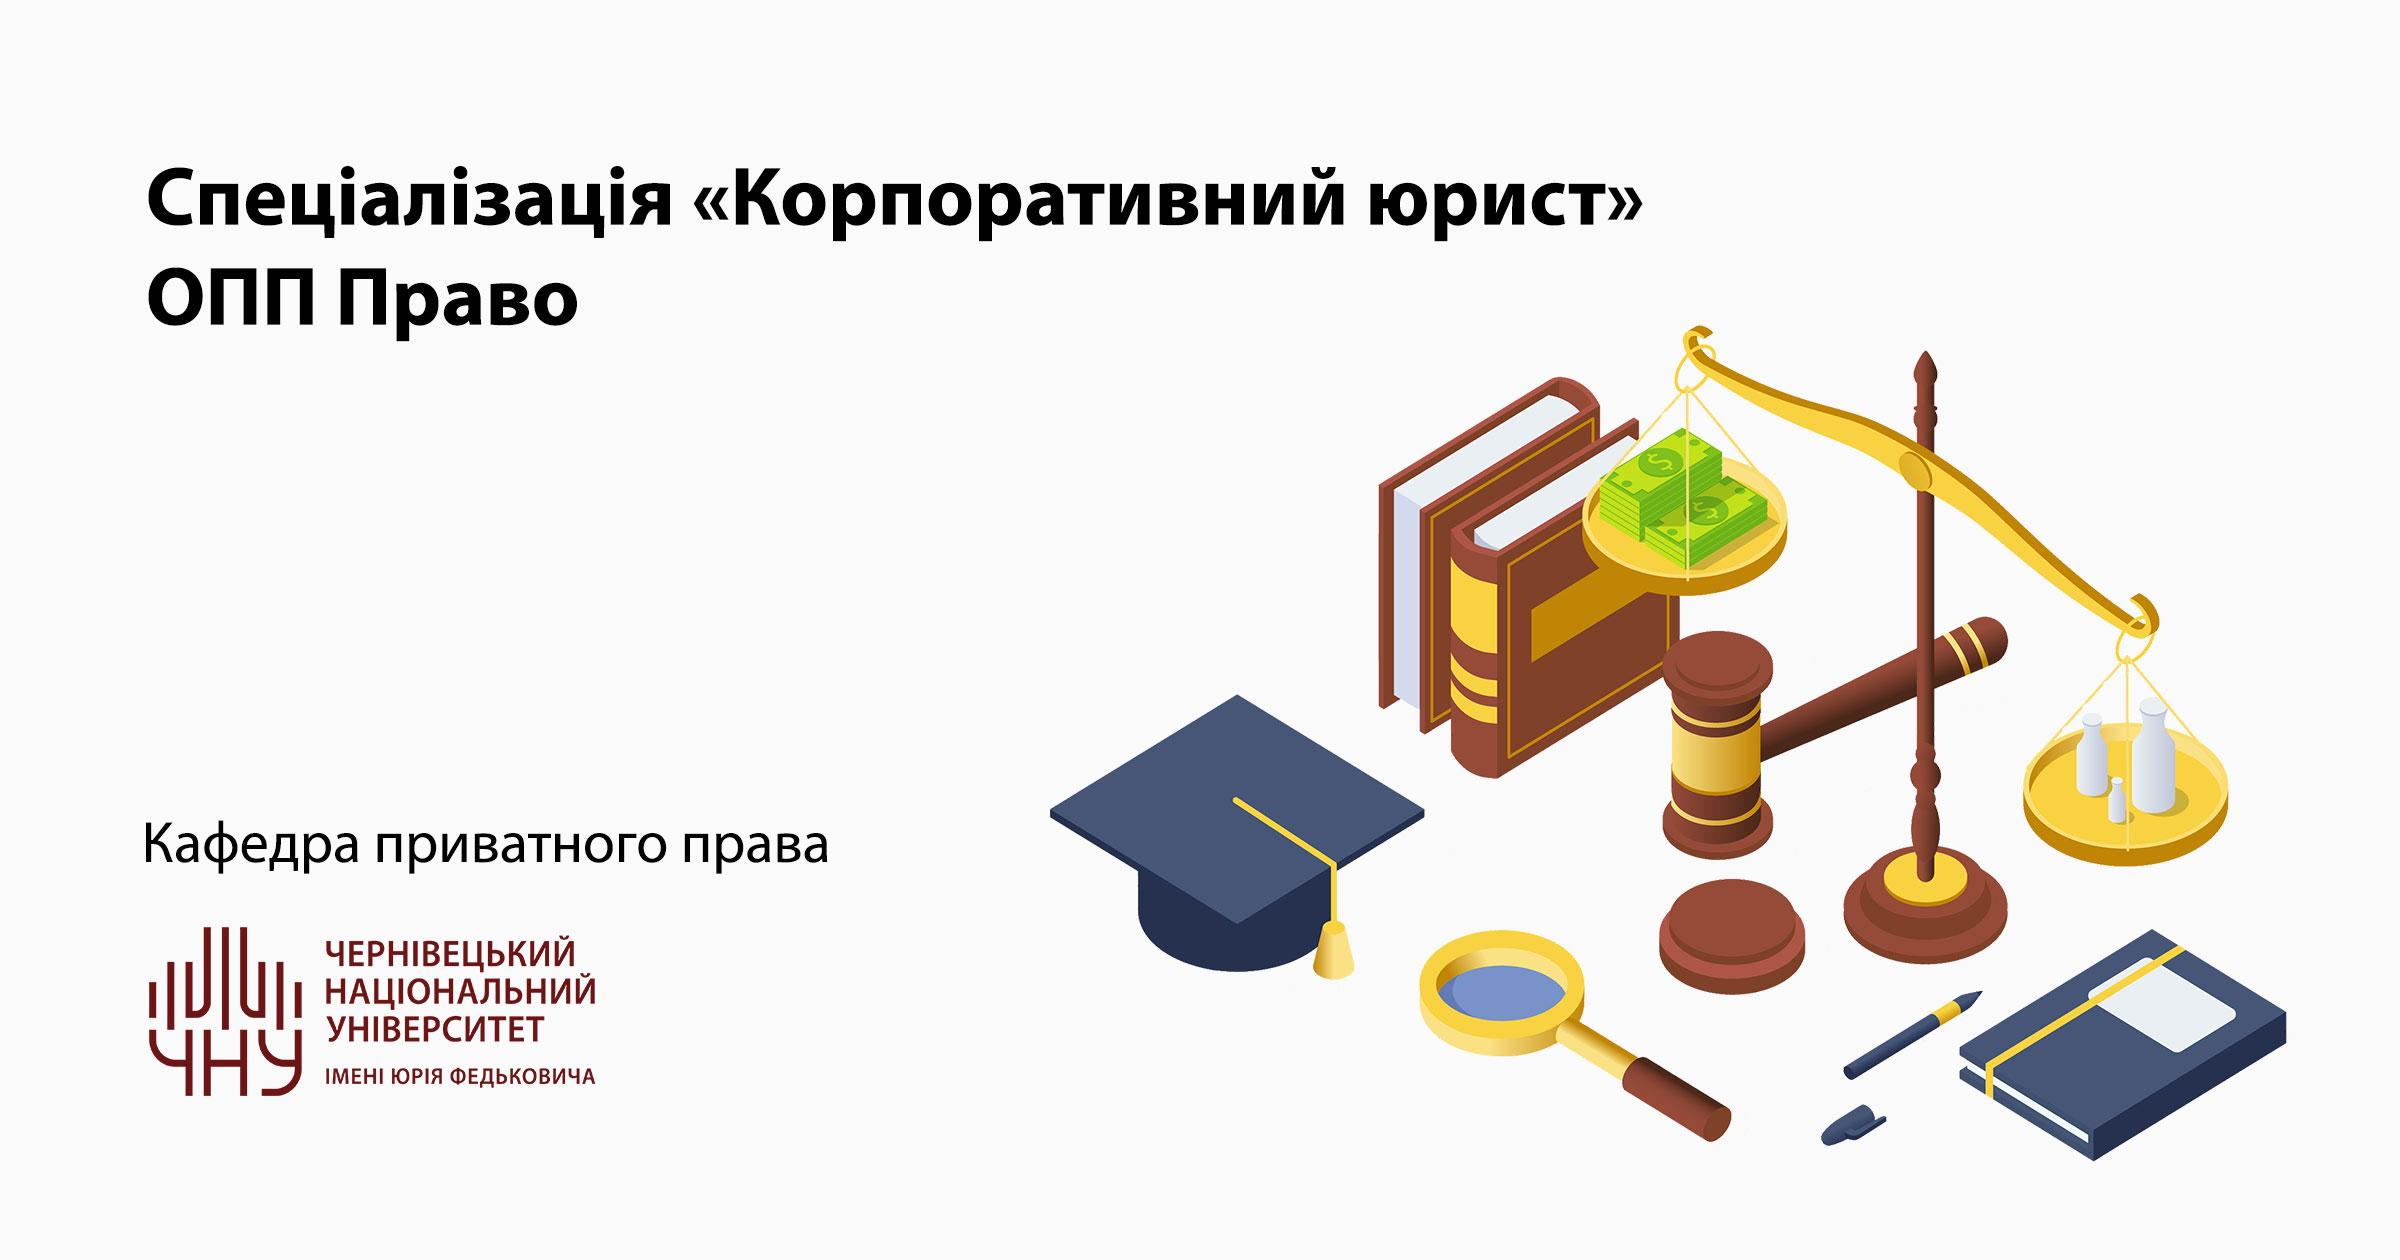 Спеціалізація «Корпоративний юрист» ОПП Право